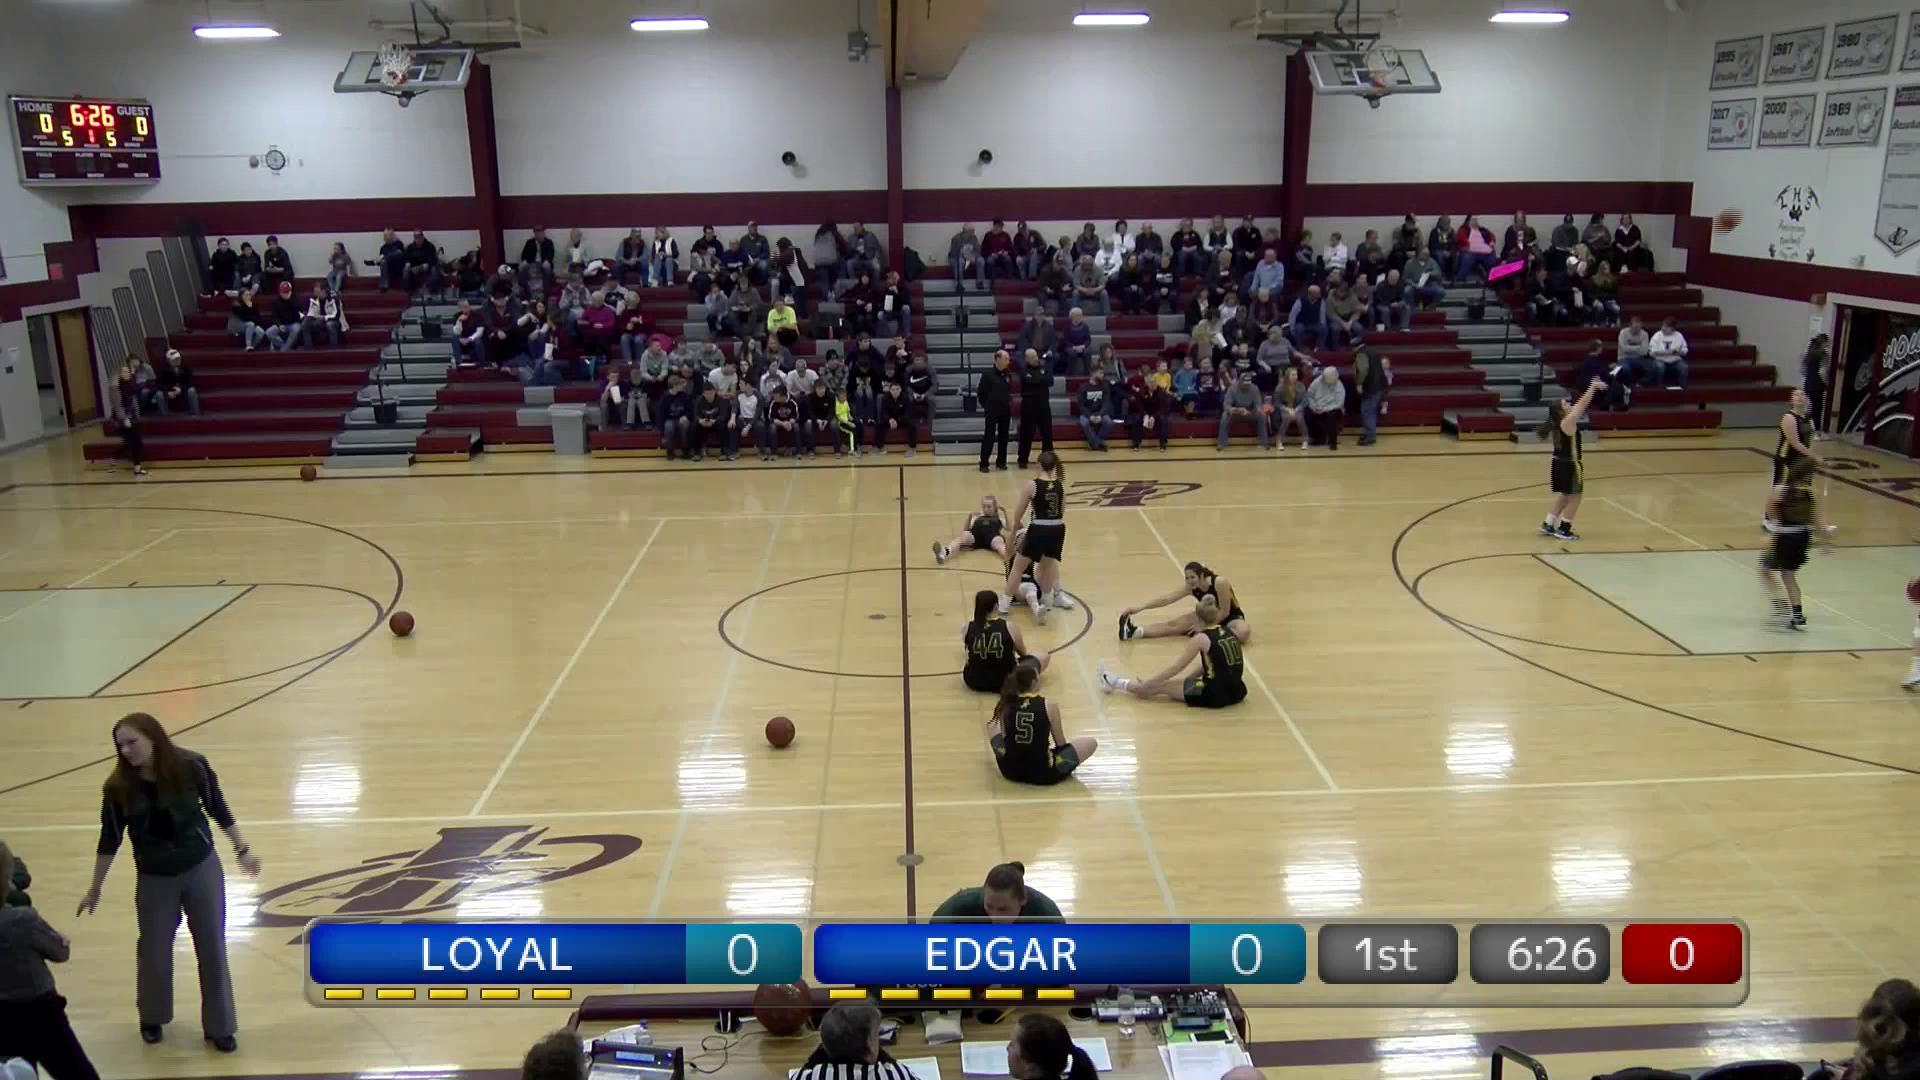 GBB Edgar at Loyal